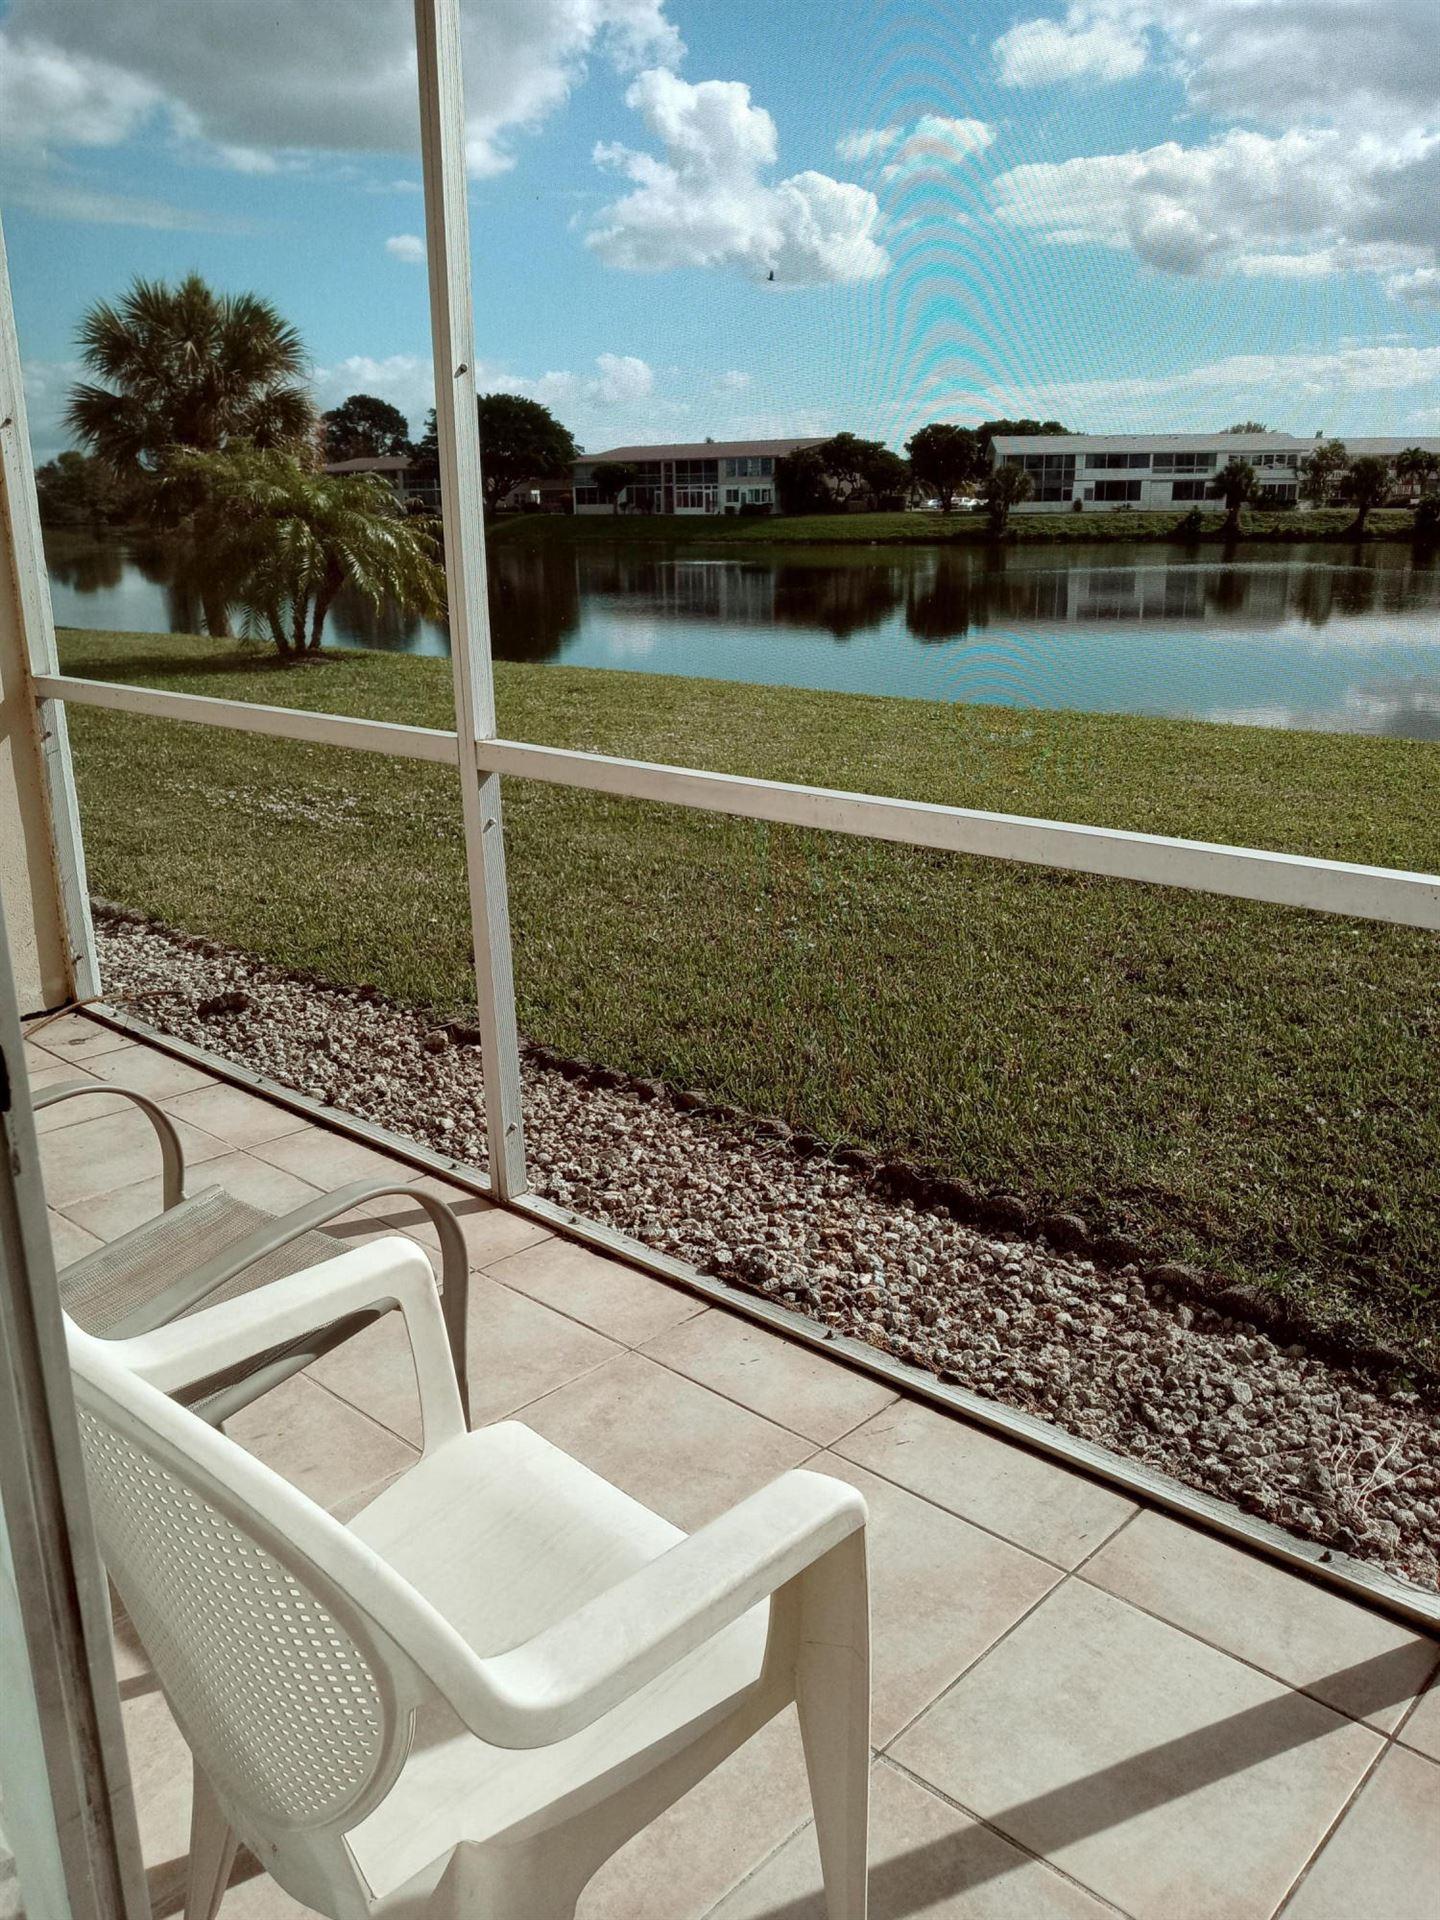 174 Chatham I, West Palm Beach, FL 33417 - MLS#: RX-10683605